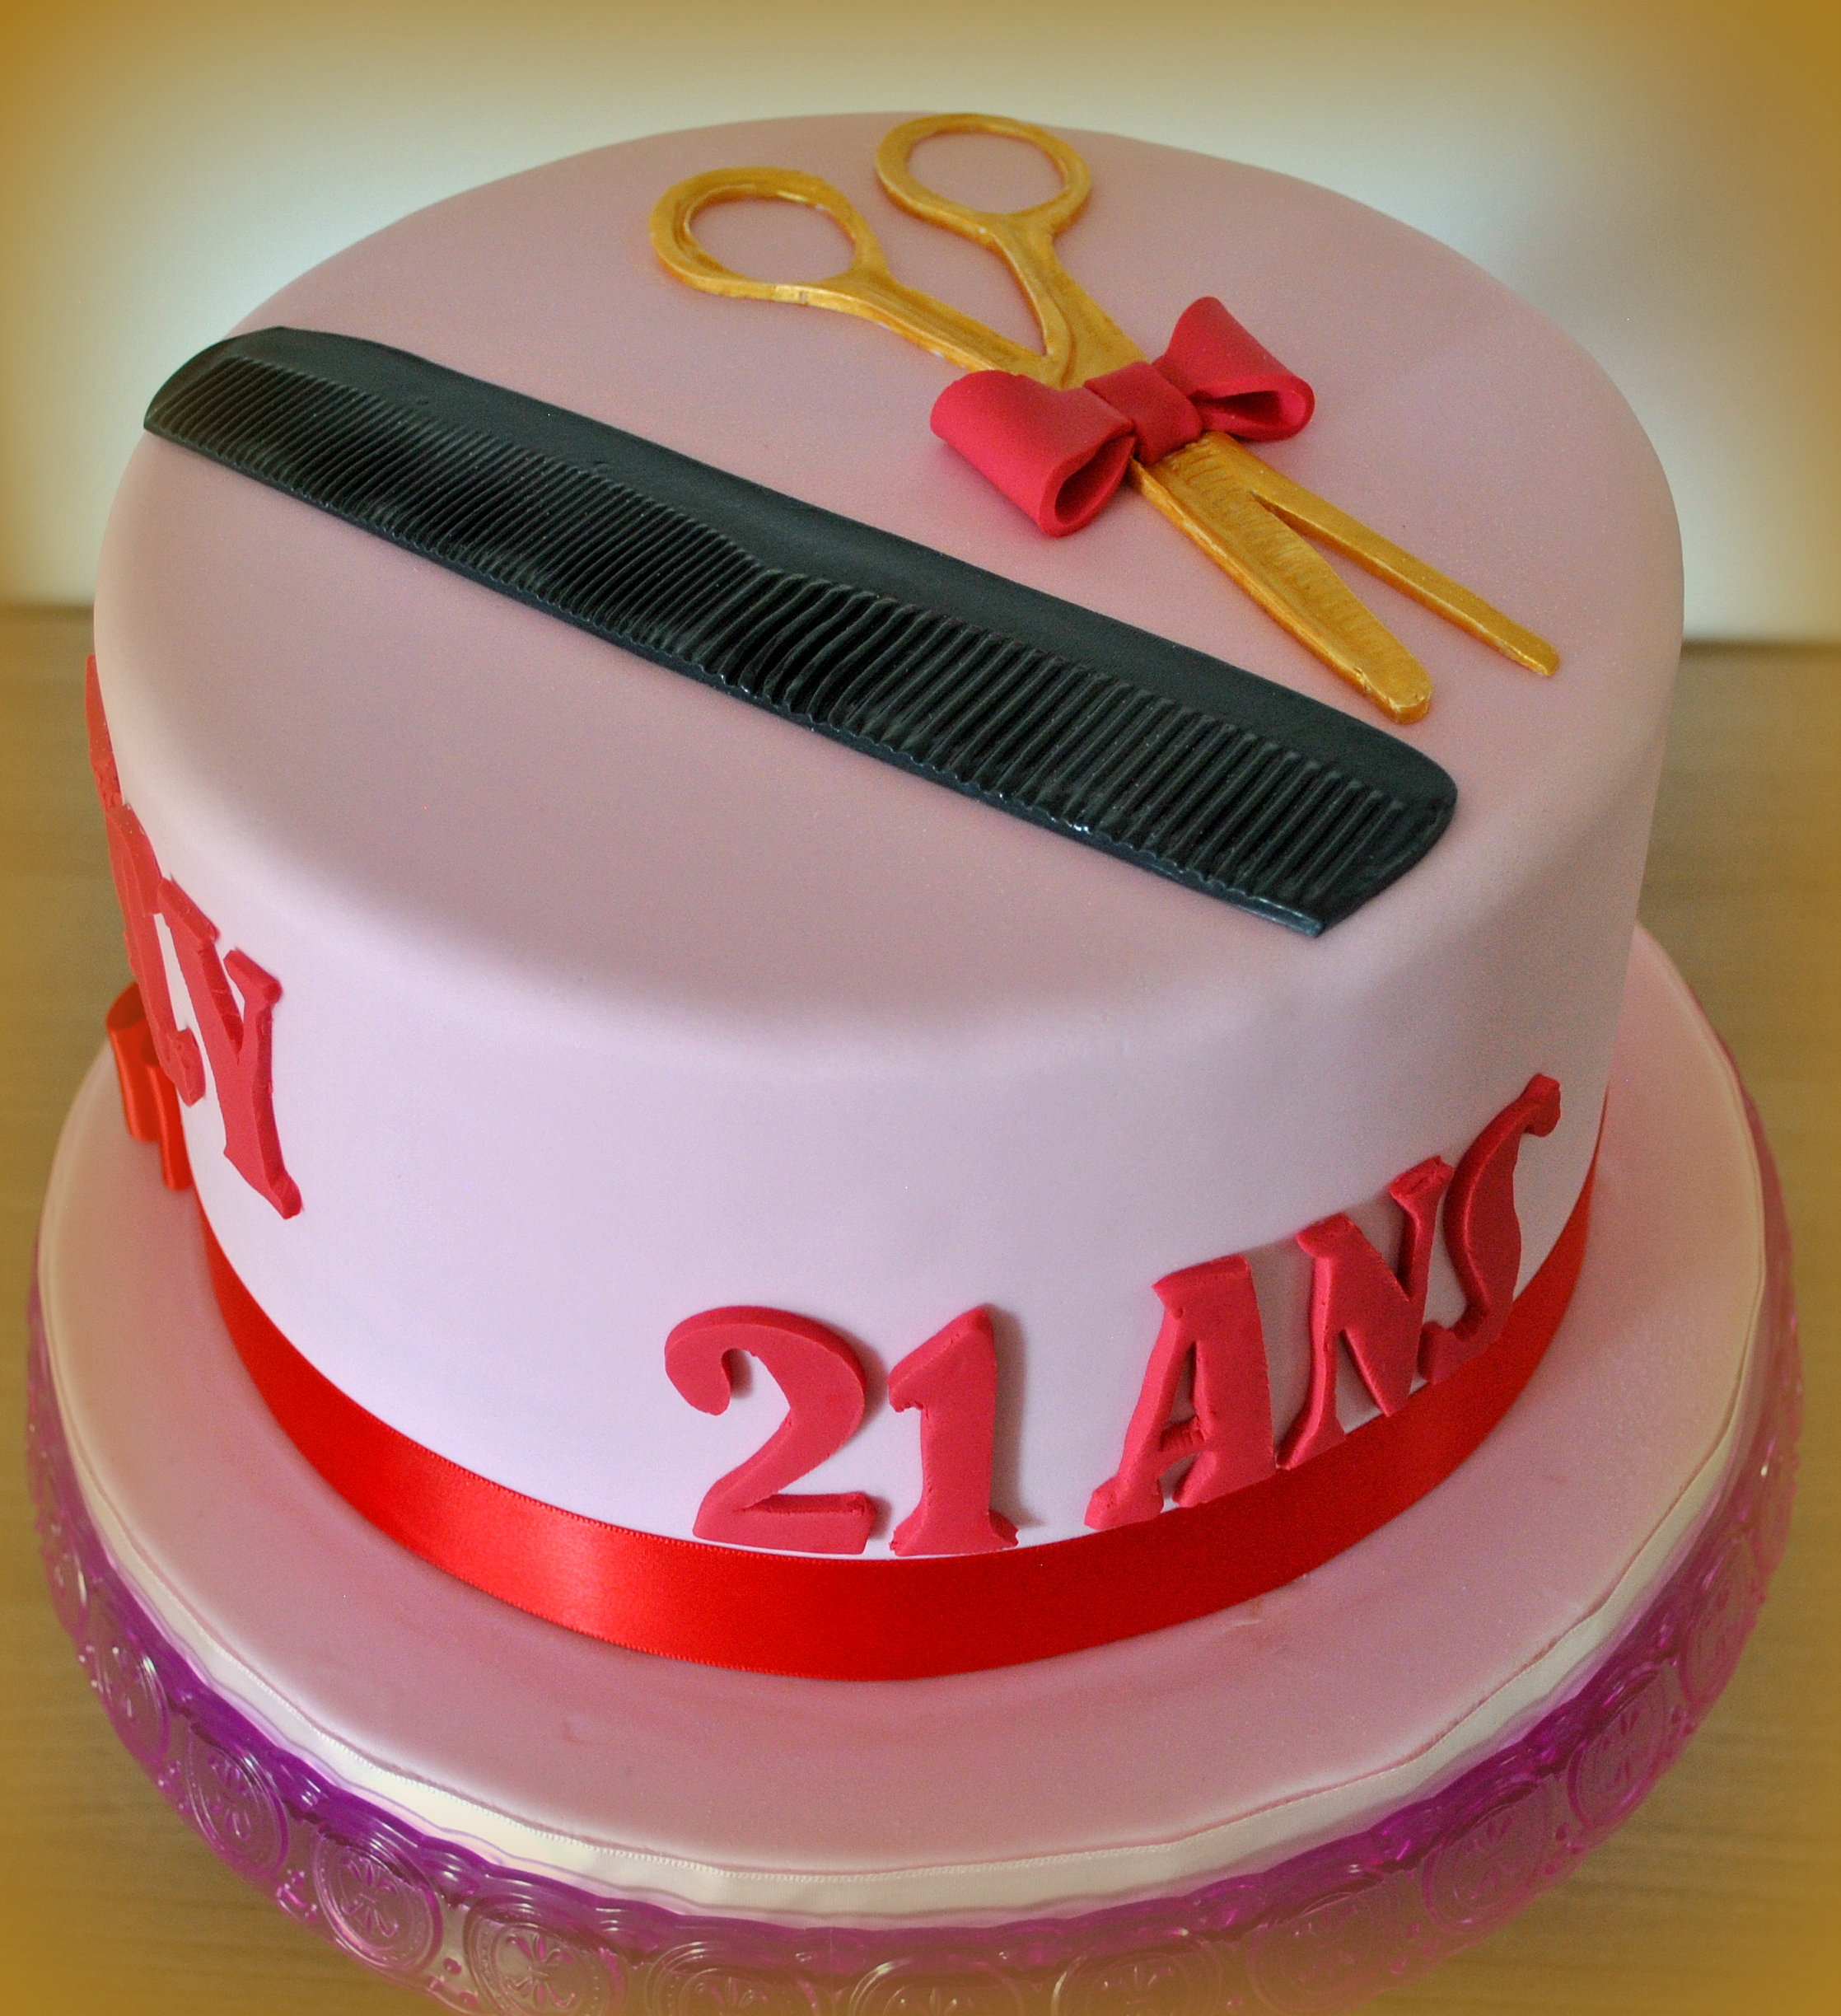 Cake Design - Toulouse Gateau coiffure